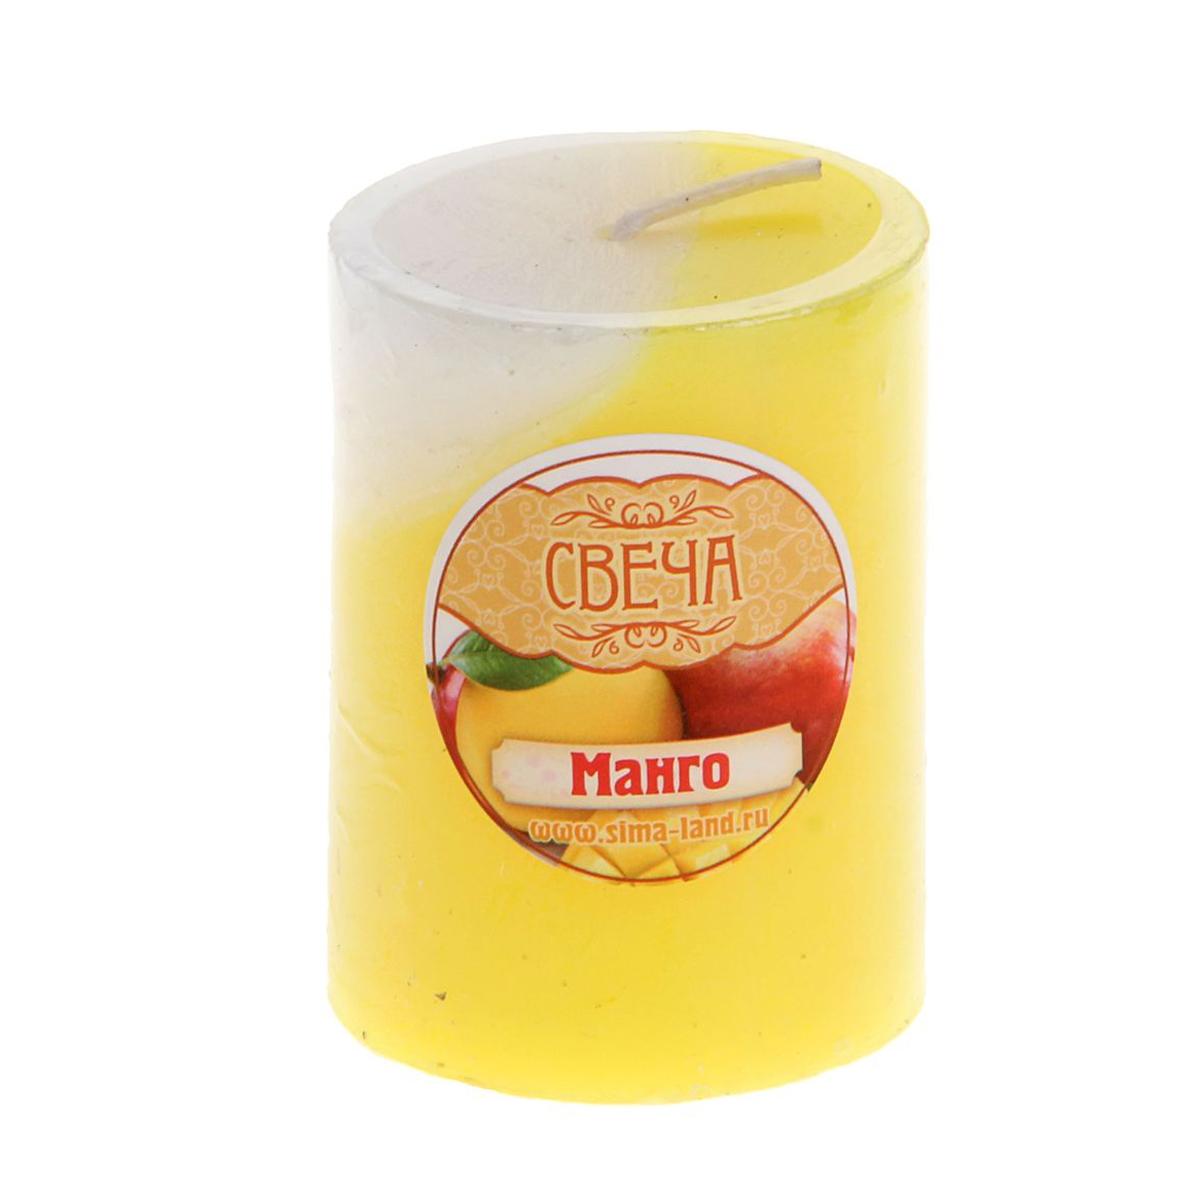 Свеча ароматизированная Sima-land Манго, высота 6 см907605Свеча Sima-land Манго выполнена из воска в виде столбика. Свеча порадует ярким дизайном и сочным ароматом манго, который понравится как женщинам, так и мужчинам. Создайте для себя и своих близких незабываемую атмосферу праздника в доме. Ароматическая свеча Sima-land Манго раскрасит серые будни яркими красками.